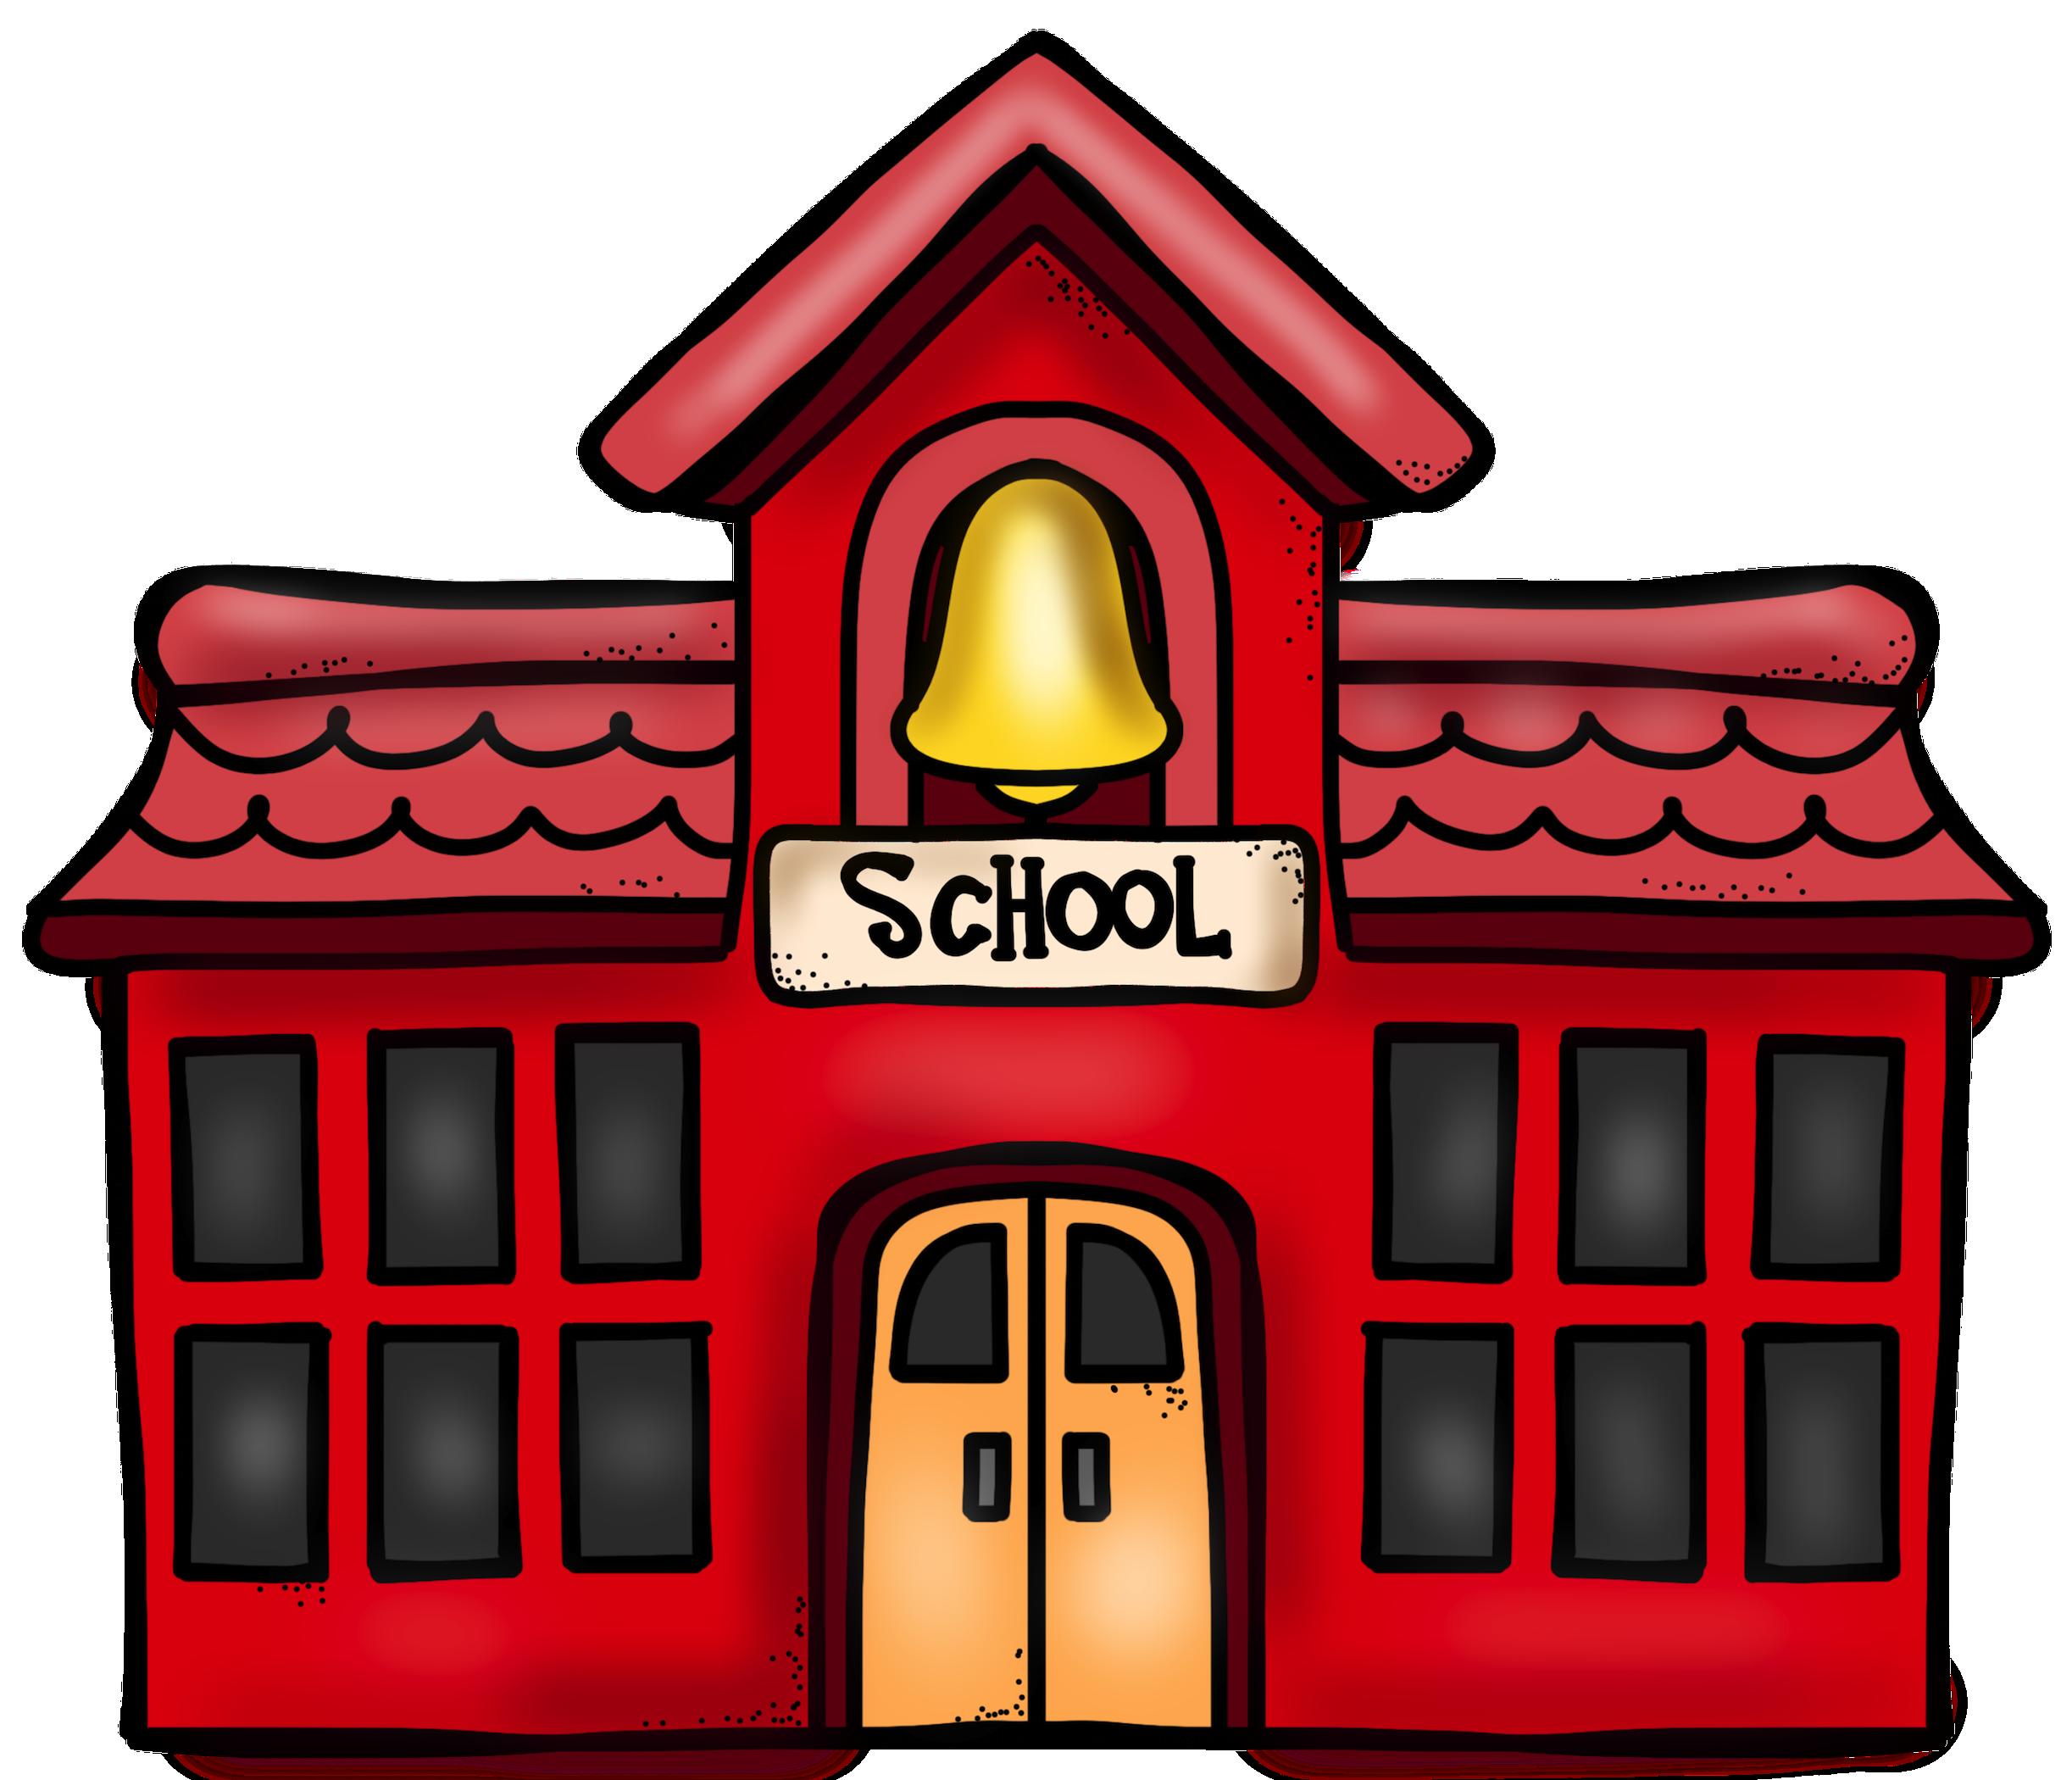 Pre kindergarten b st. School house png